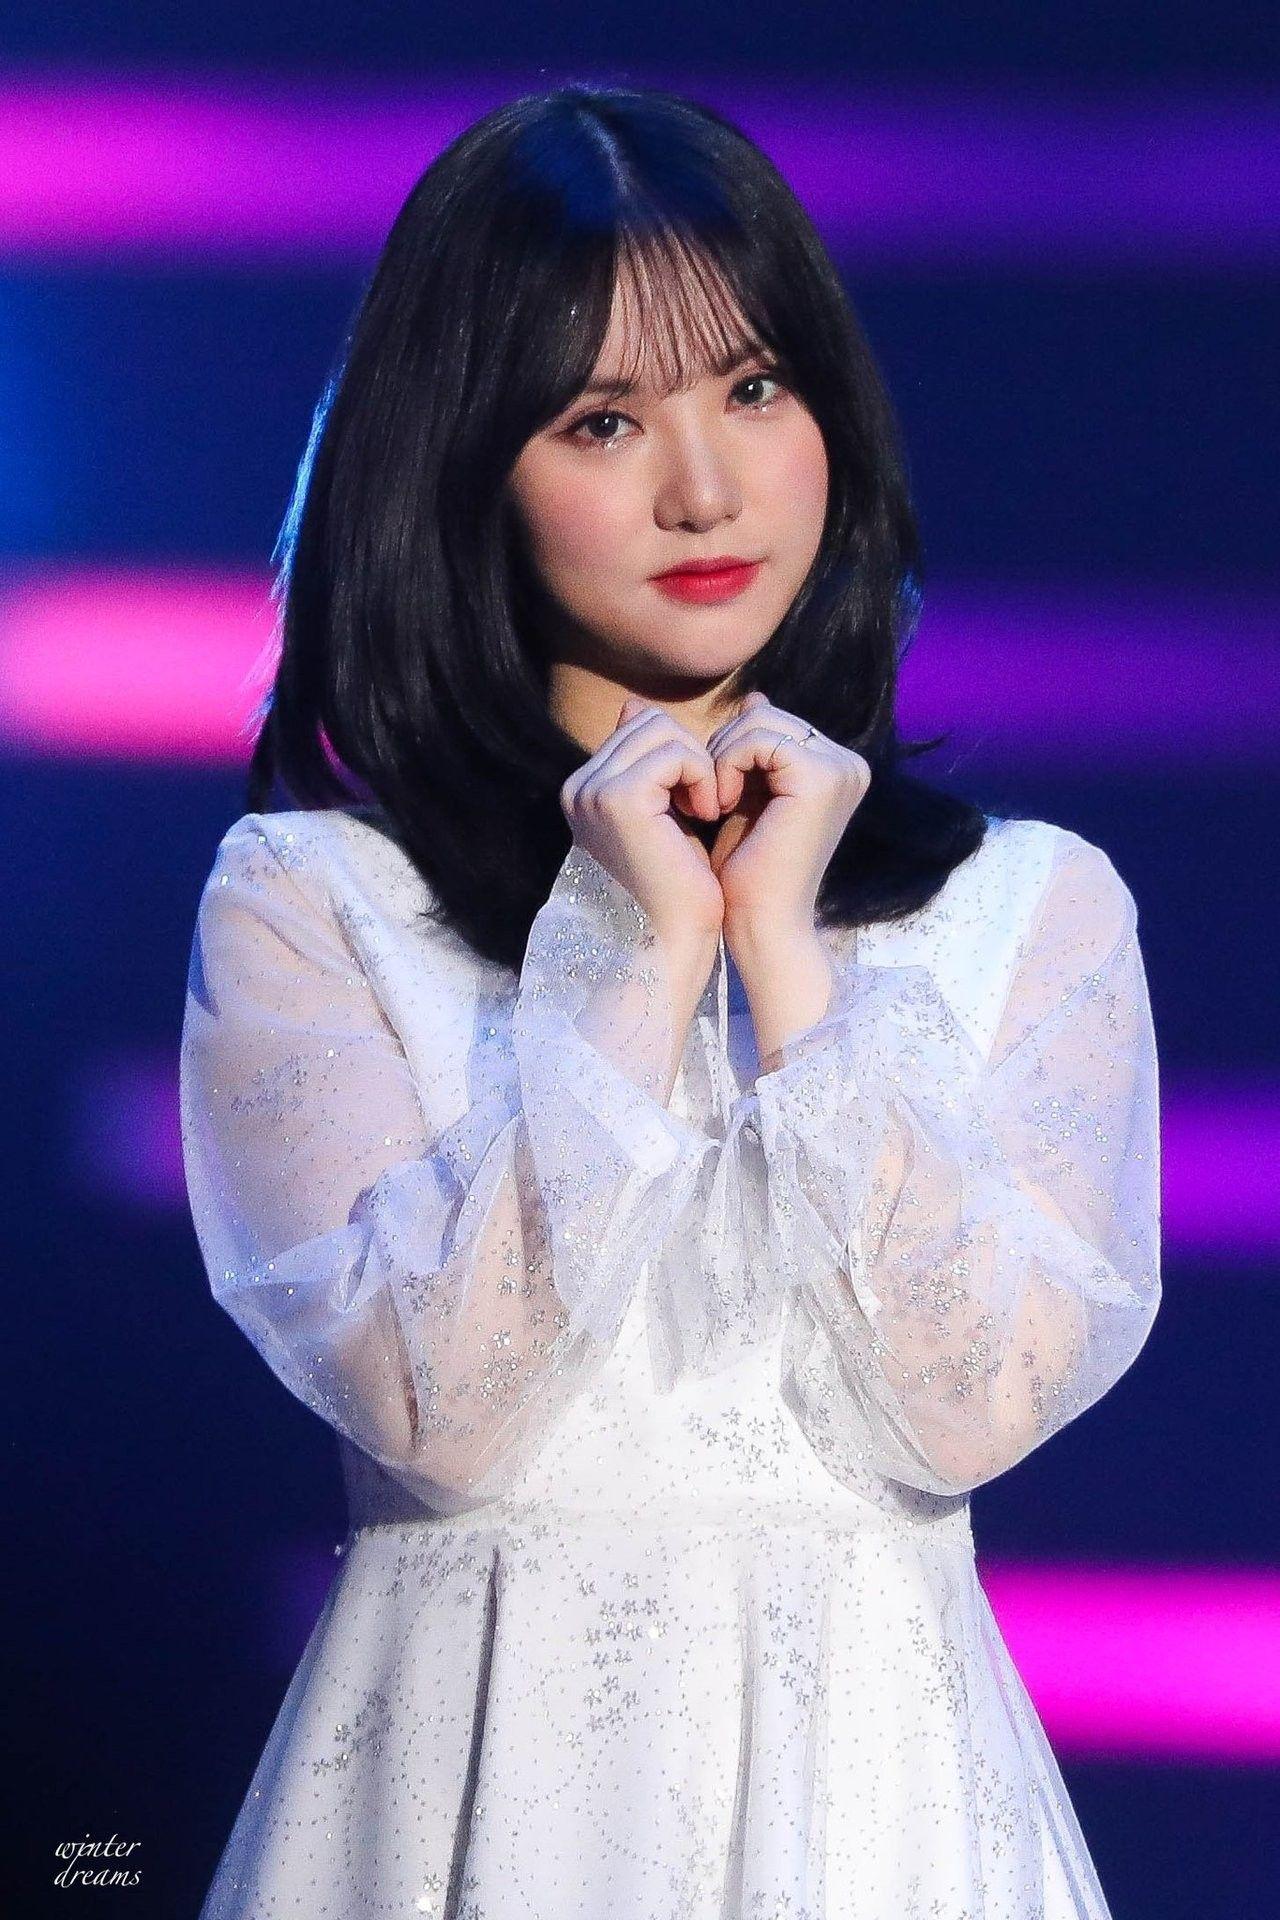 Eunha Kpop Girls Eunha Gfriend G Friend